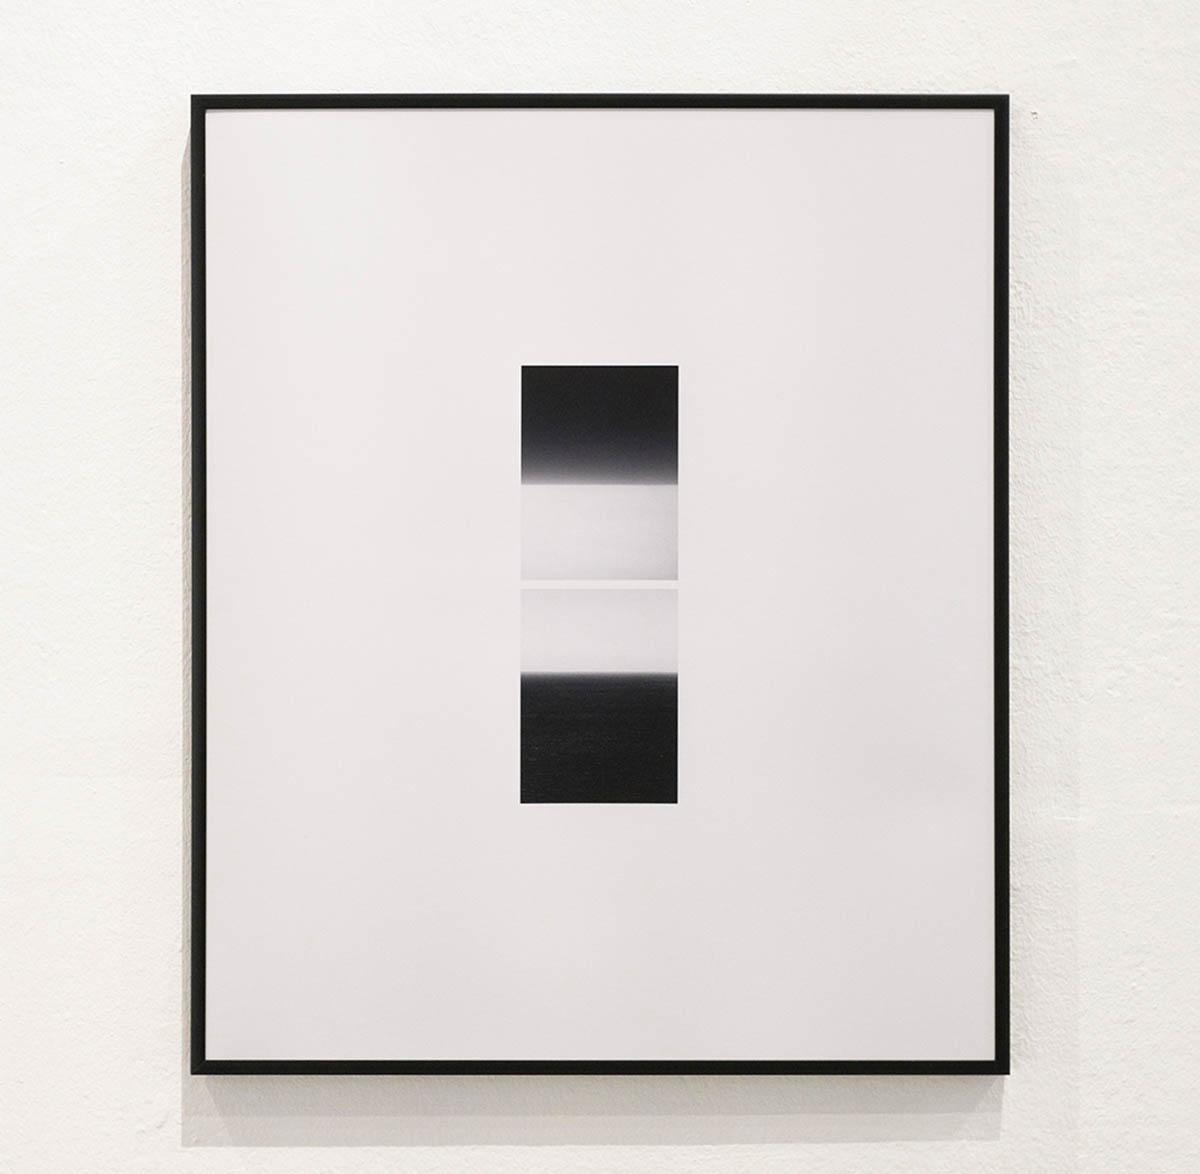 «Himmel auf Wolke auf Himmel auf Wasser », Pigmentdruck, 60 x 50 cm, 2019